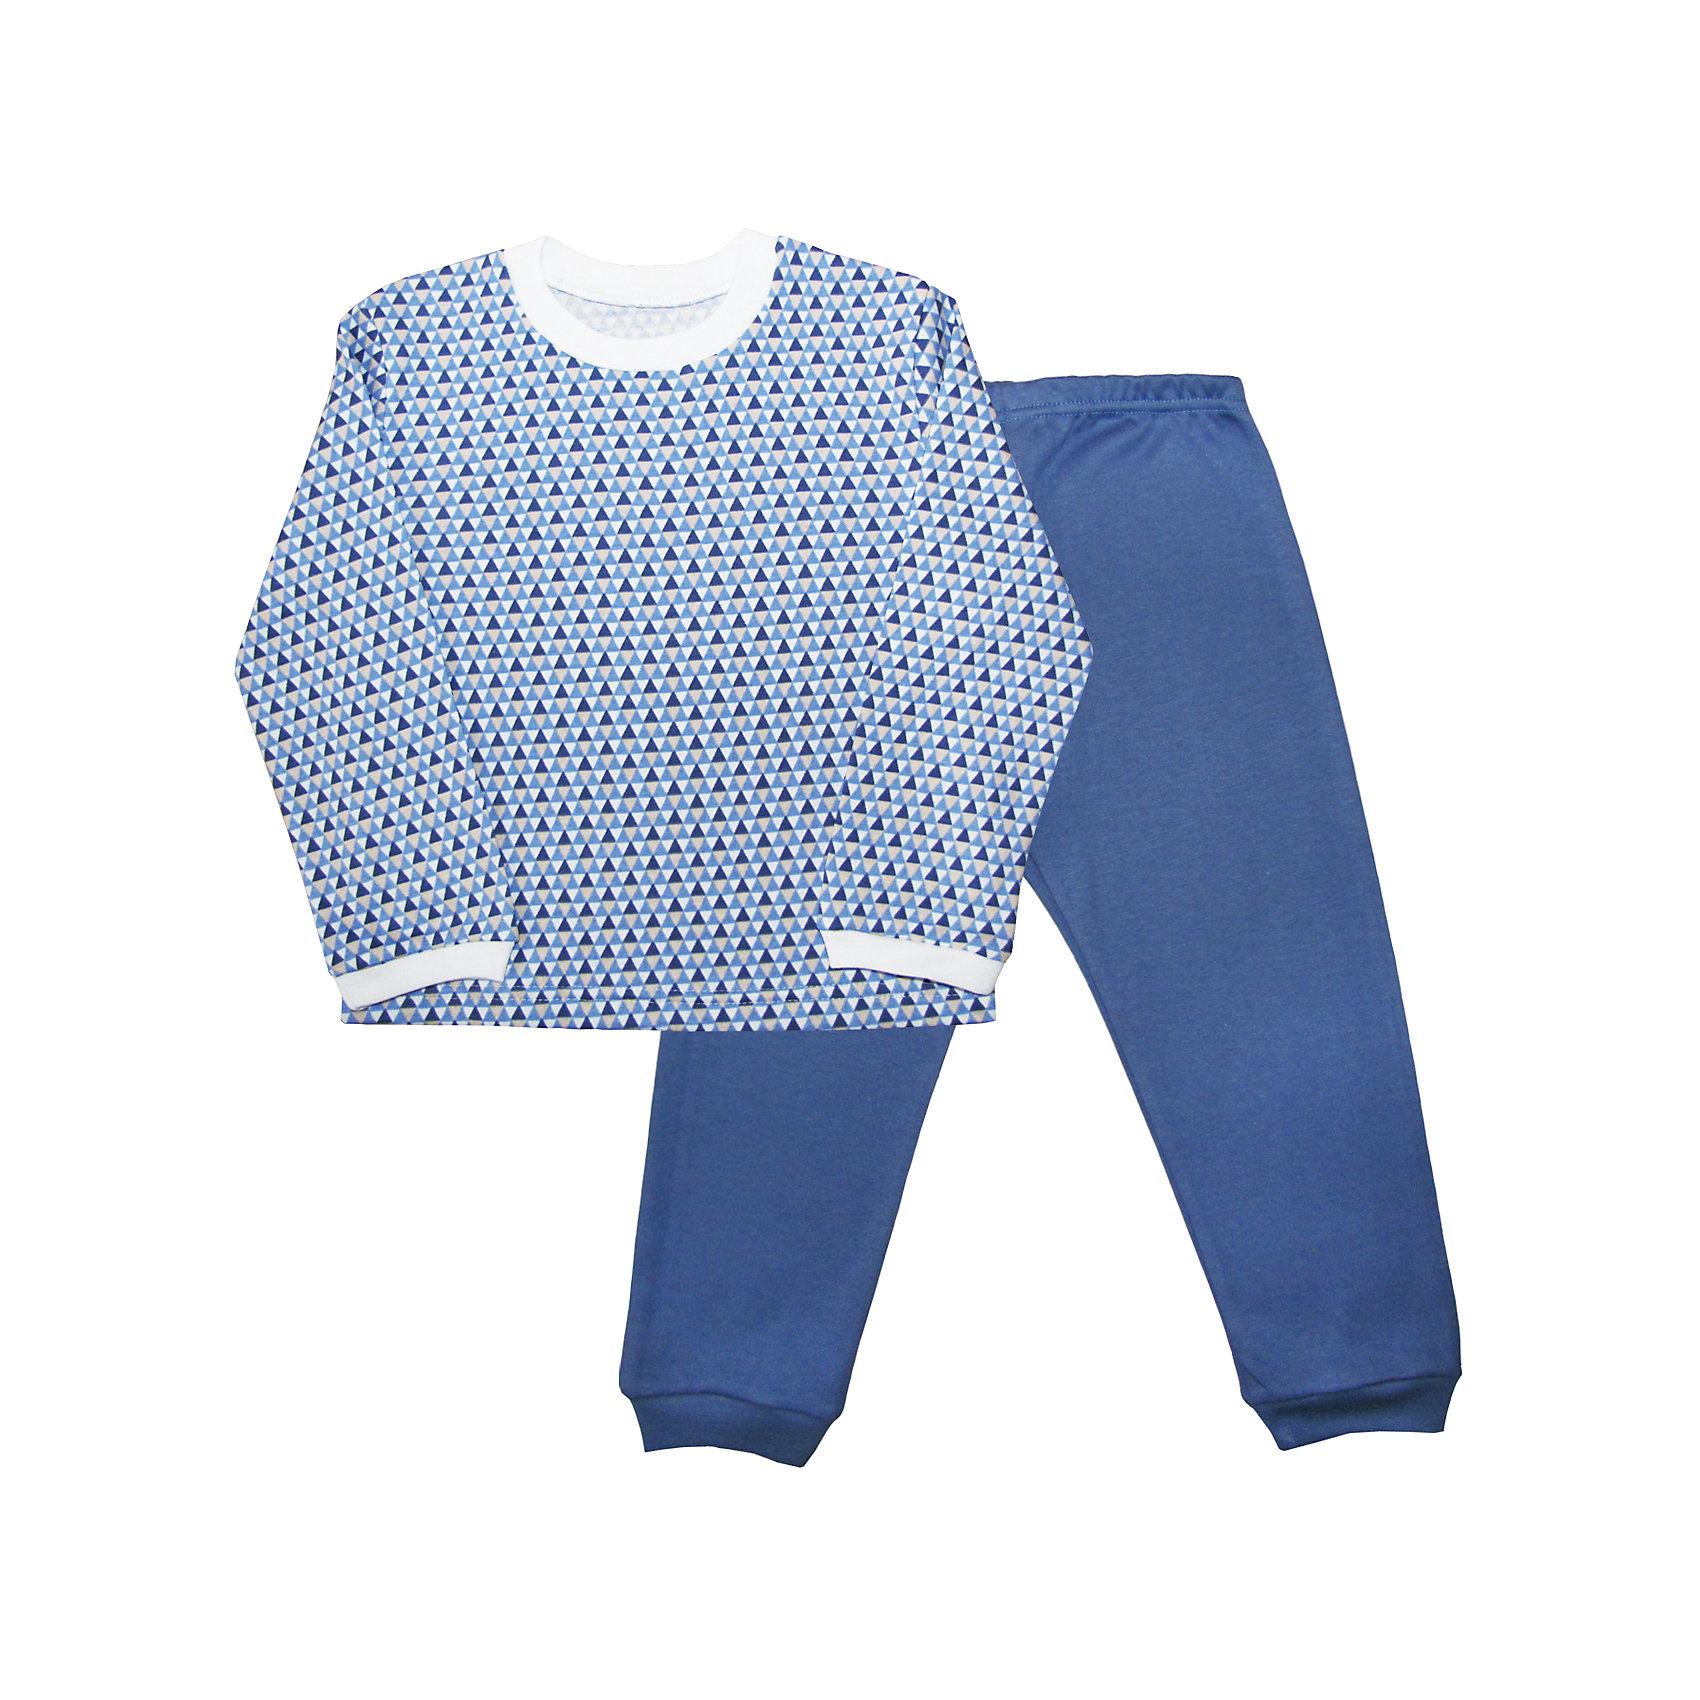 Пижама для мальчика Веселый малышПижамы и сорочки<br>Пижама из интерлока (пенье).<br>Состав:<br>100% Хлопок<br><br>Ширина мм: 196<br>Глубина мм: 10<br>Высота мм: 154<br>Вес г: 152<br>Цвет: голубой<br>Возраст от месяцев: 12<br>Возраст до месяцев: 18<br>Пол: Мужской<br>Возраст: Детский<br>Размер: 86,116,92,98,104,110<br>SKU: 5063097